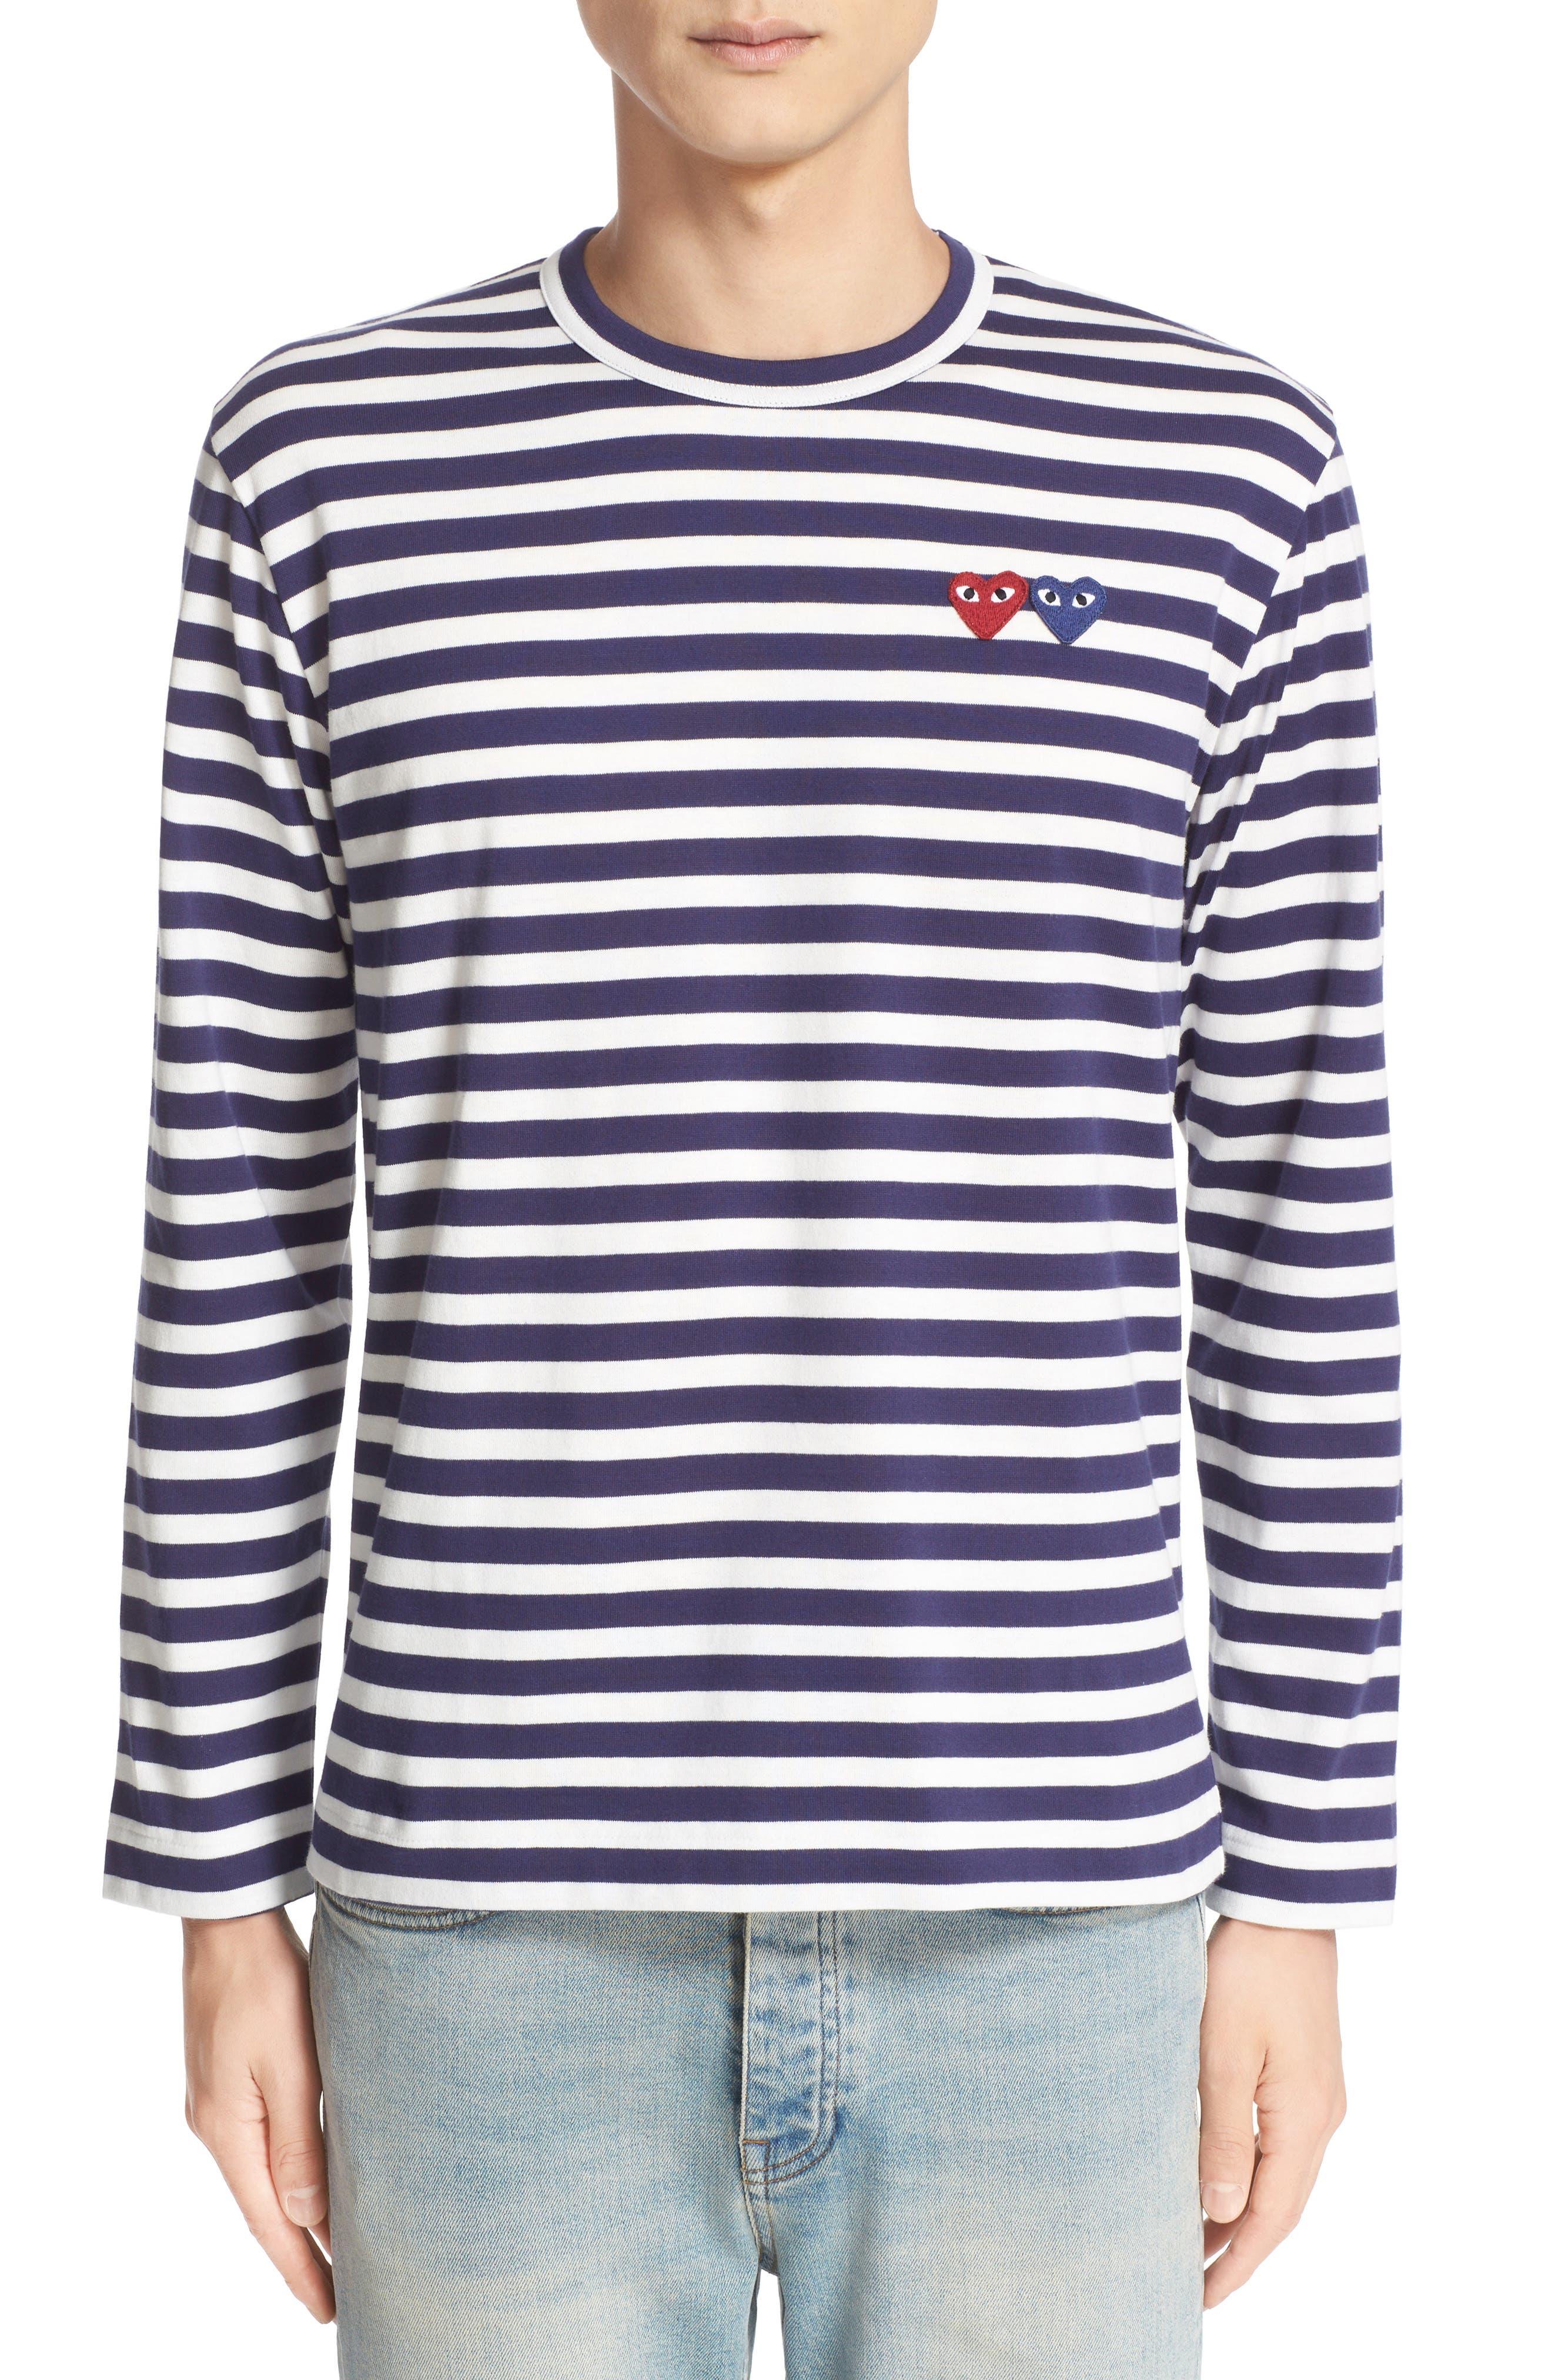 Twin Appliqué Stripe T-Shirt,                         Main,                         color, NAVY/ WHITE